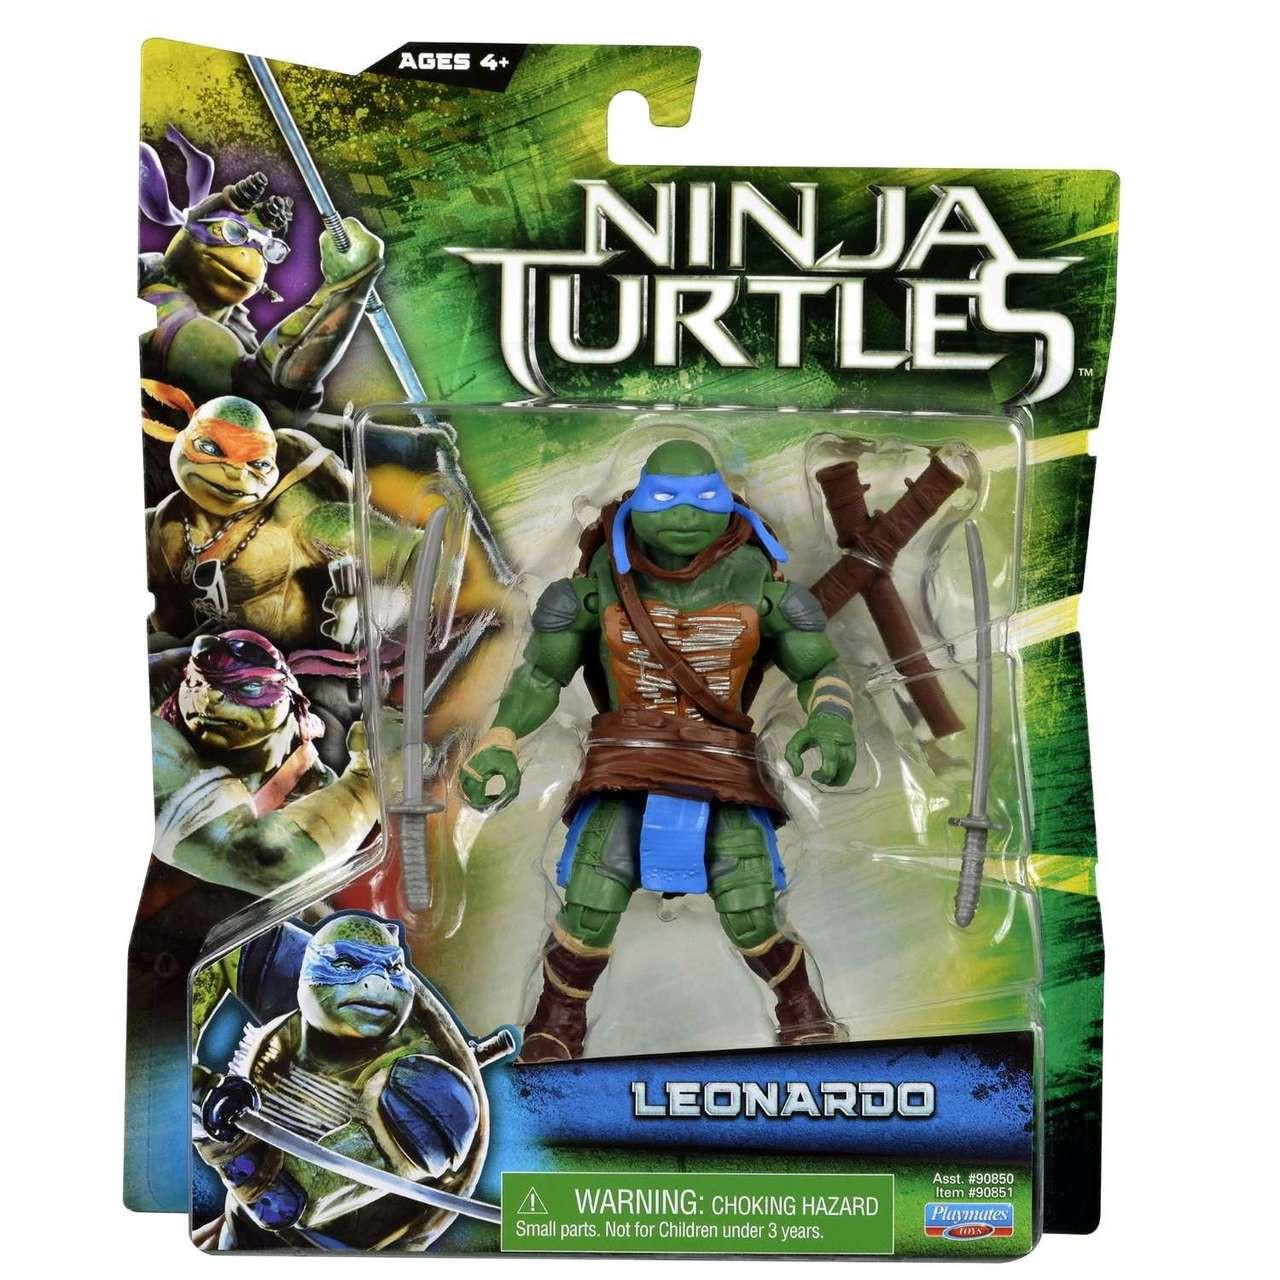 Teenage Mutant Ninja Turtles 2014 Movie Leonardo Action Figure